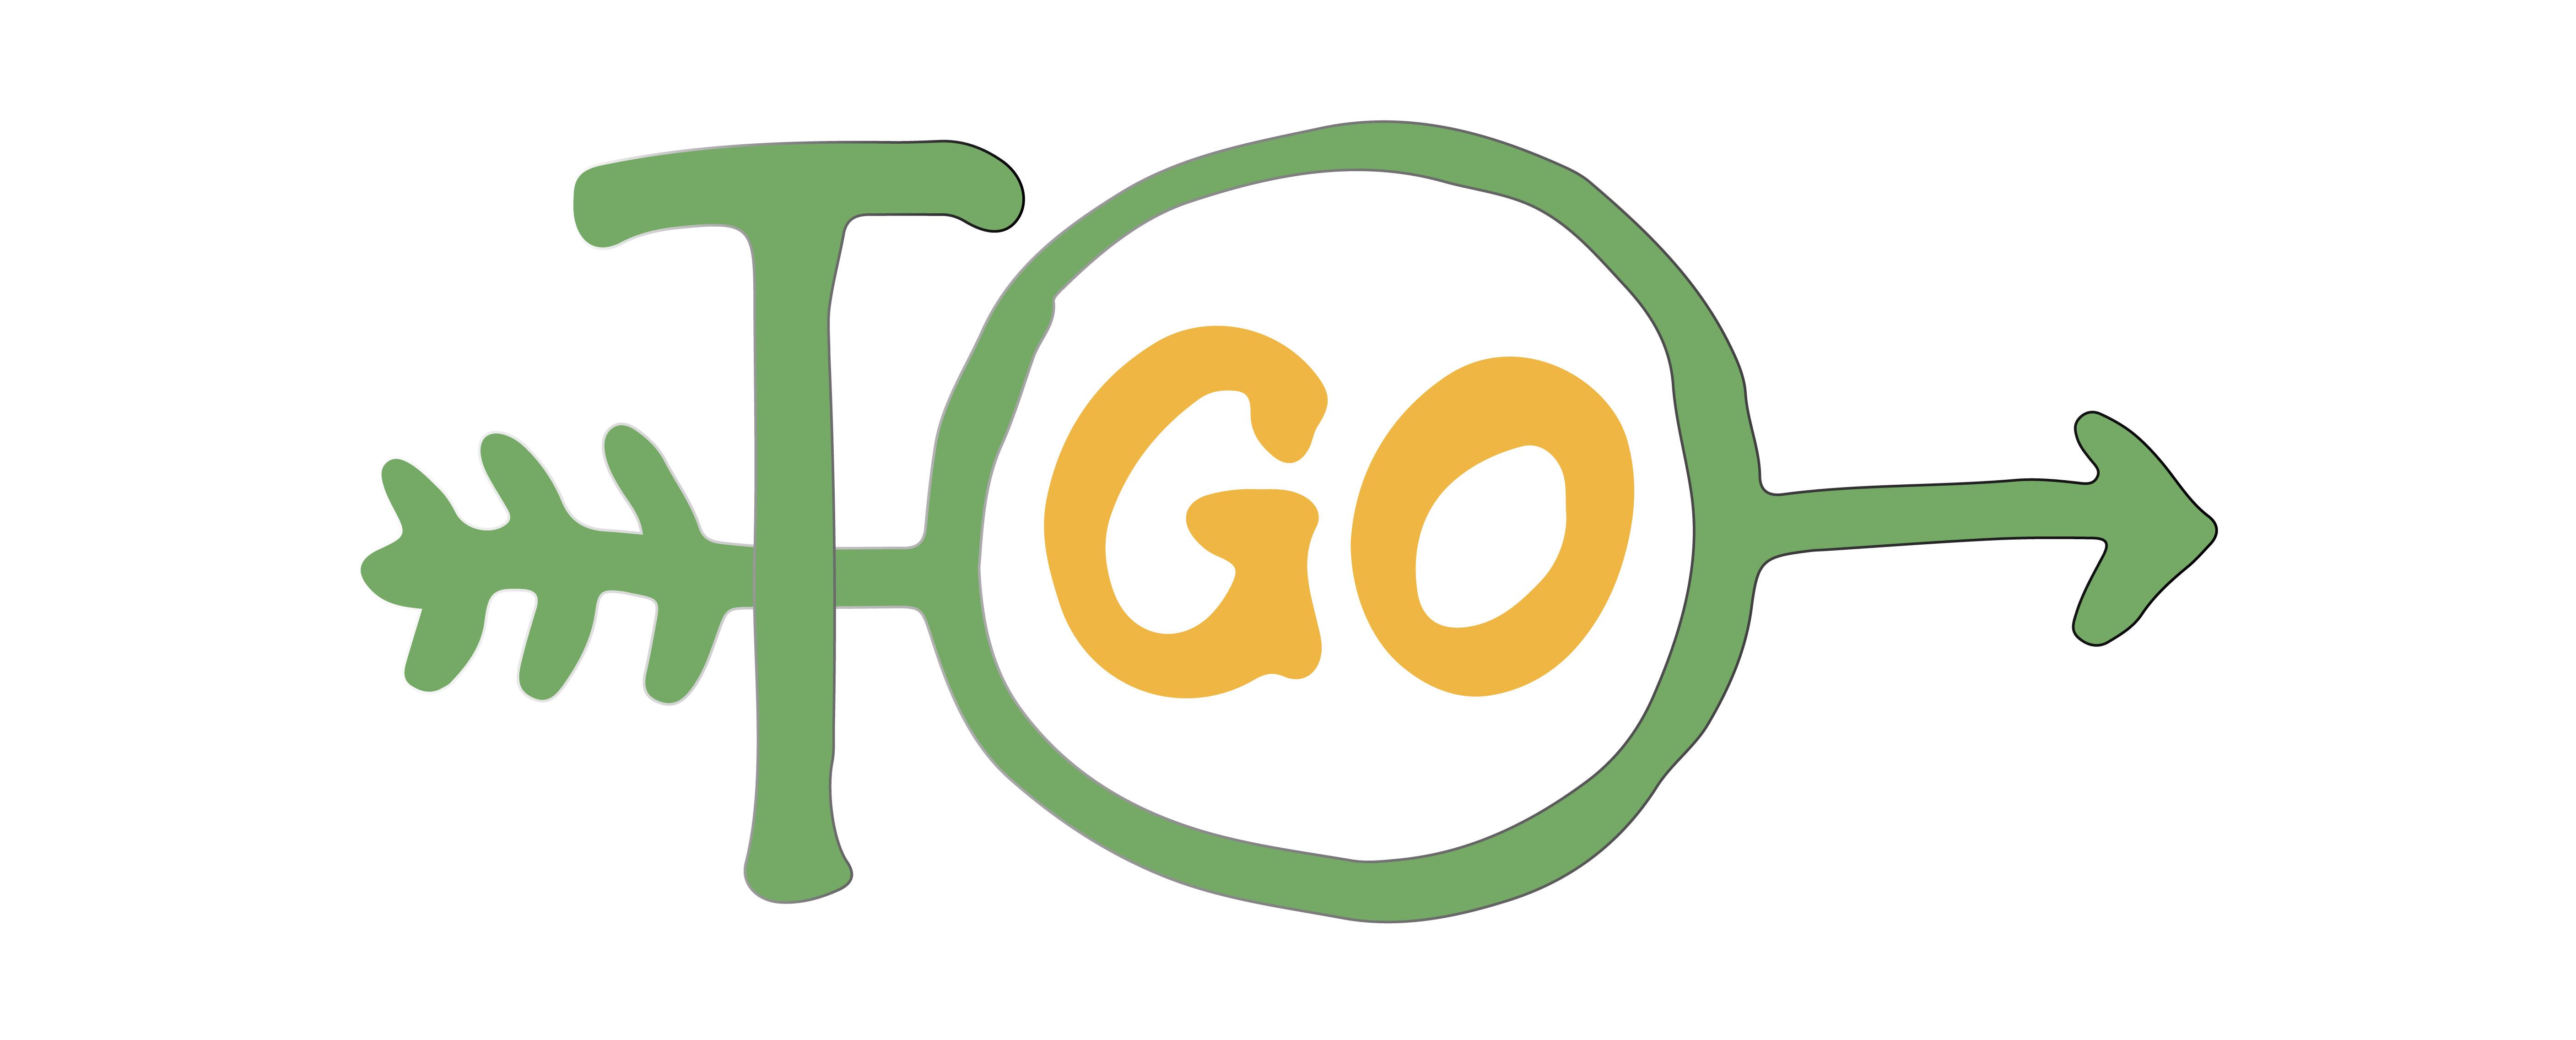 Разработать логотип и экран загрузки приложения фото f_7895a82250776584.jpg